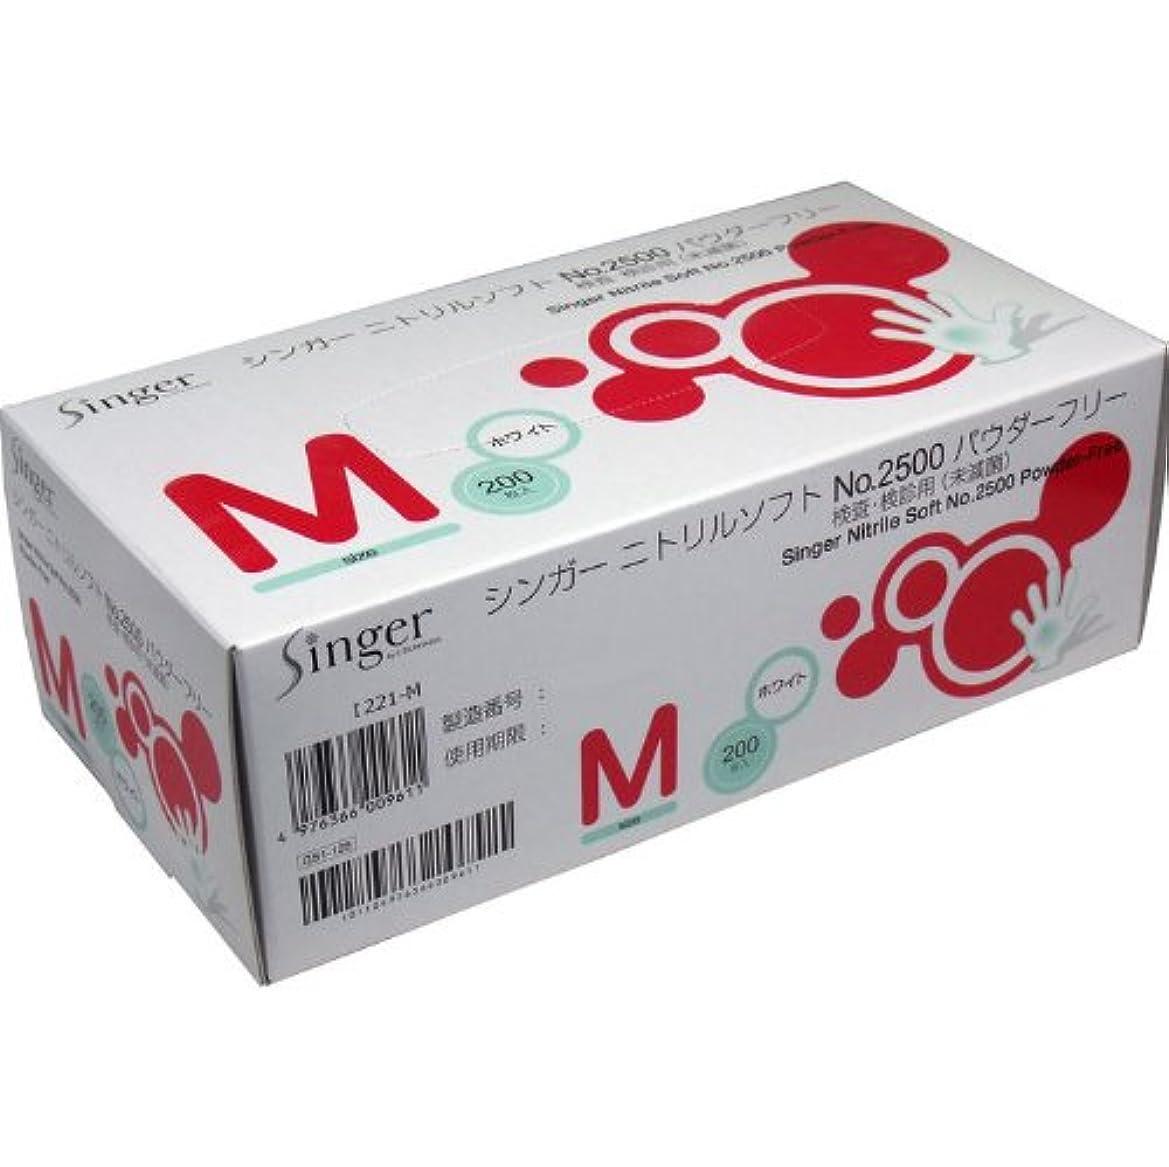 パブ導出中毒左右兼用手袋 未滅菌タイプ 使いやすい シンガーニトリルソフト No.2500 パウダーフリー ホワイト Mサイズ 200枚入